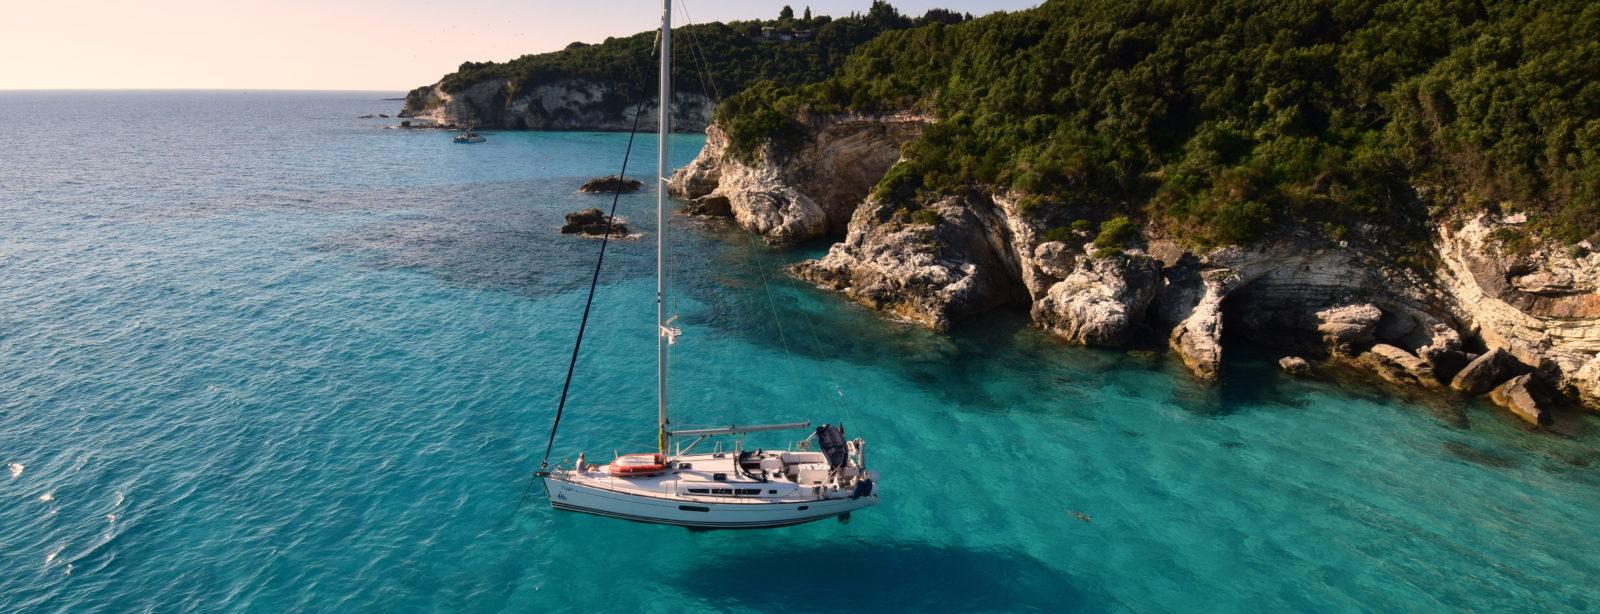 Unter Segeln zu den schönsten Plätzen des östlichen Mittelmeers